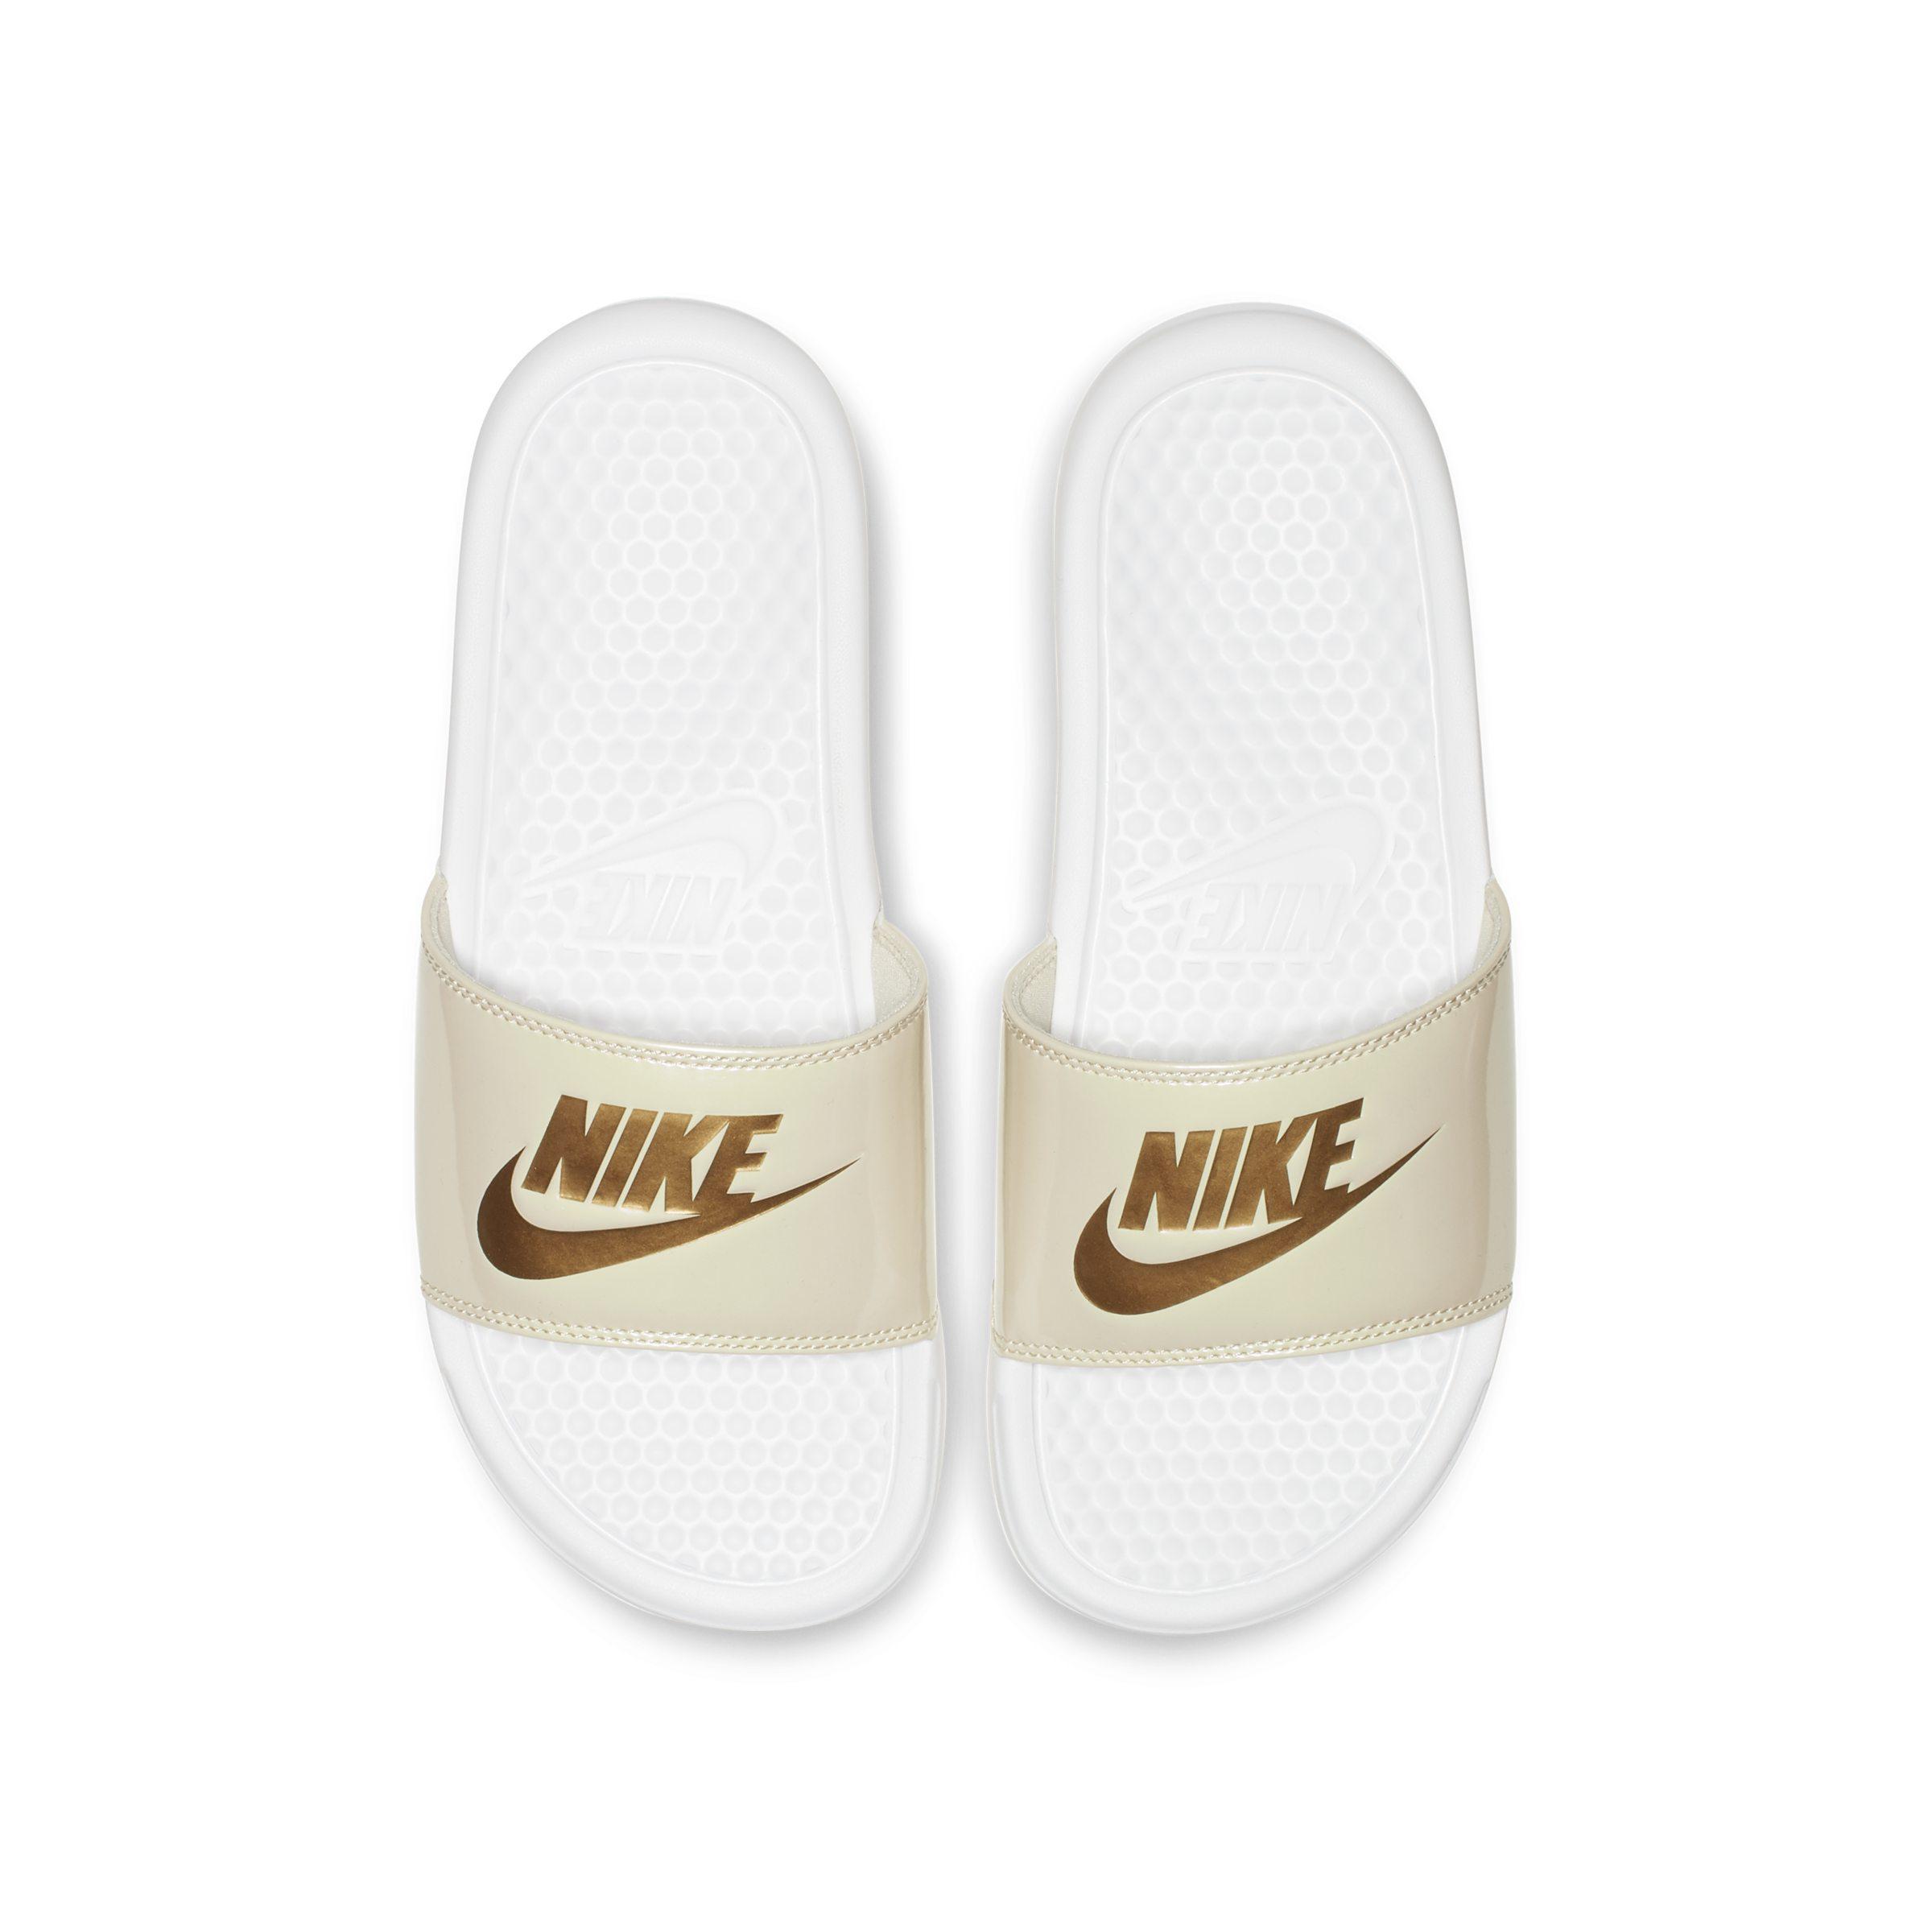 794d5fe0bcf3ec Nike Benassi Jdi Metallic Slide in White - Lyst